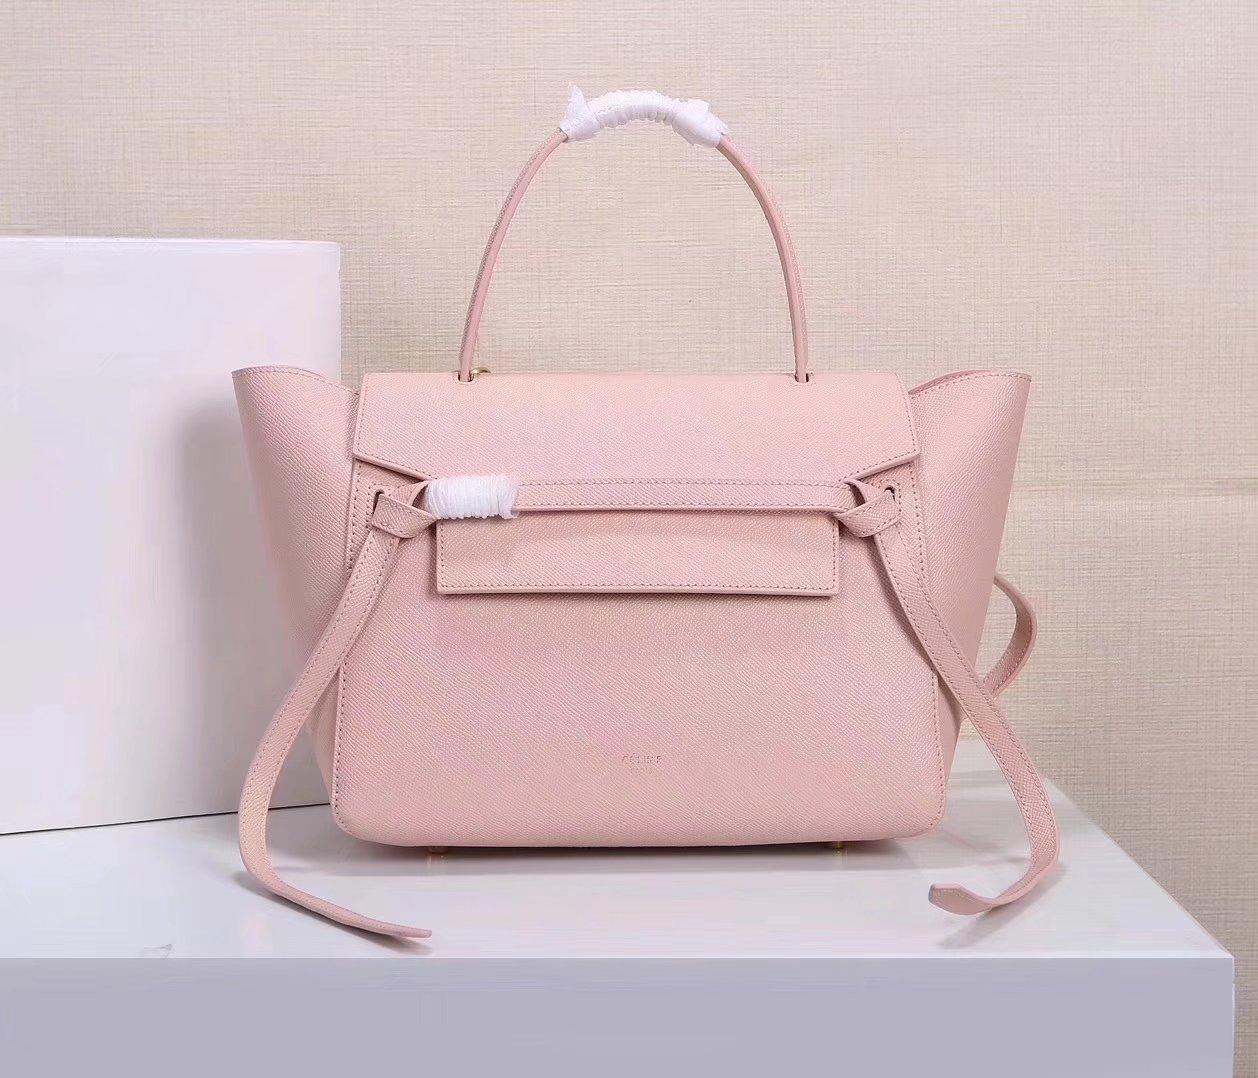 Celine Women Mini Belt Bag in Grained Calfskin Leather Pink